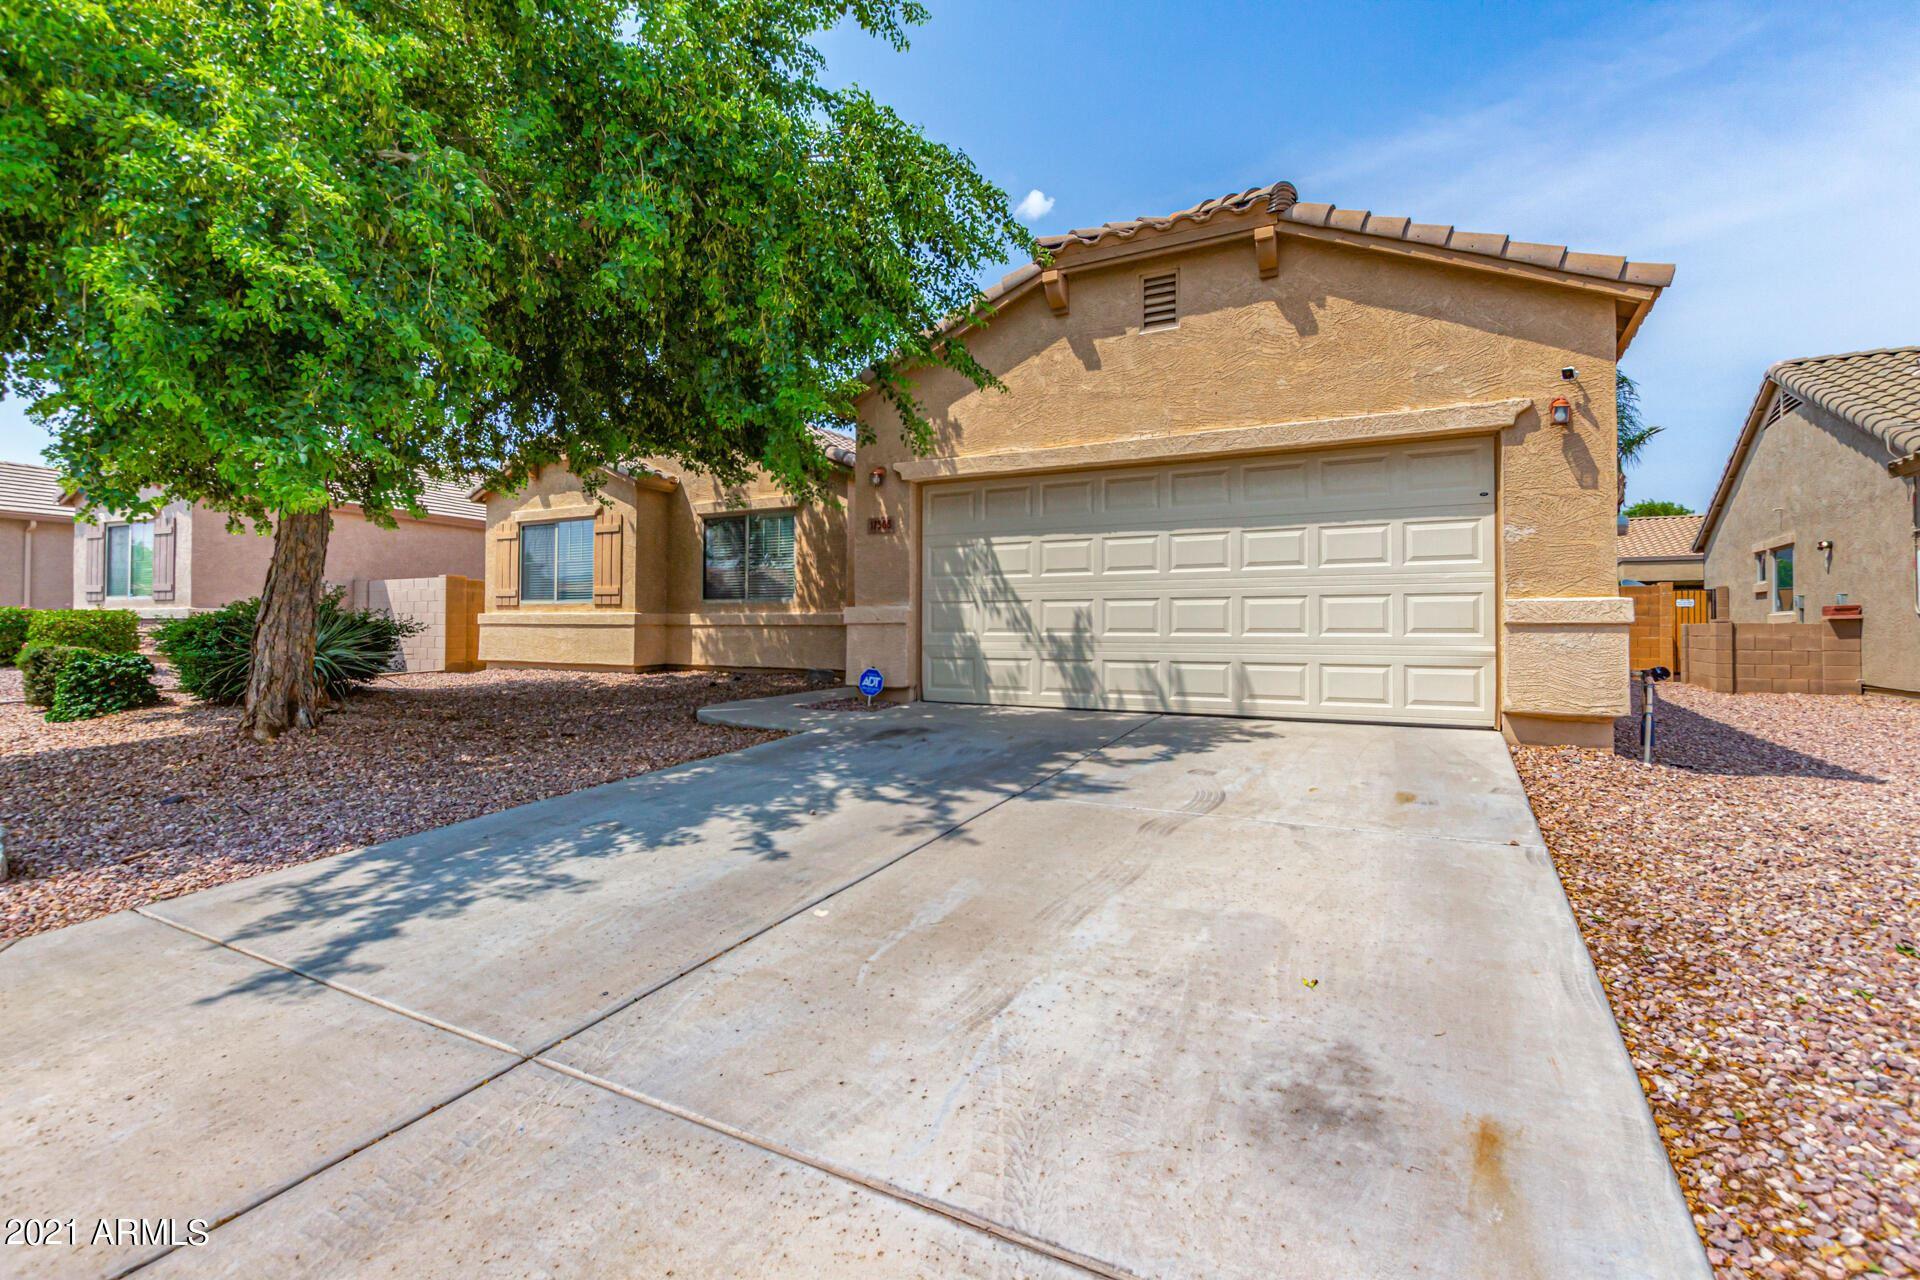 Photo of 17566 W CROCUS Drive, Surprise, AZ 85388 (MLS # 6266994)